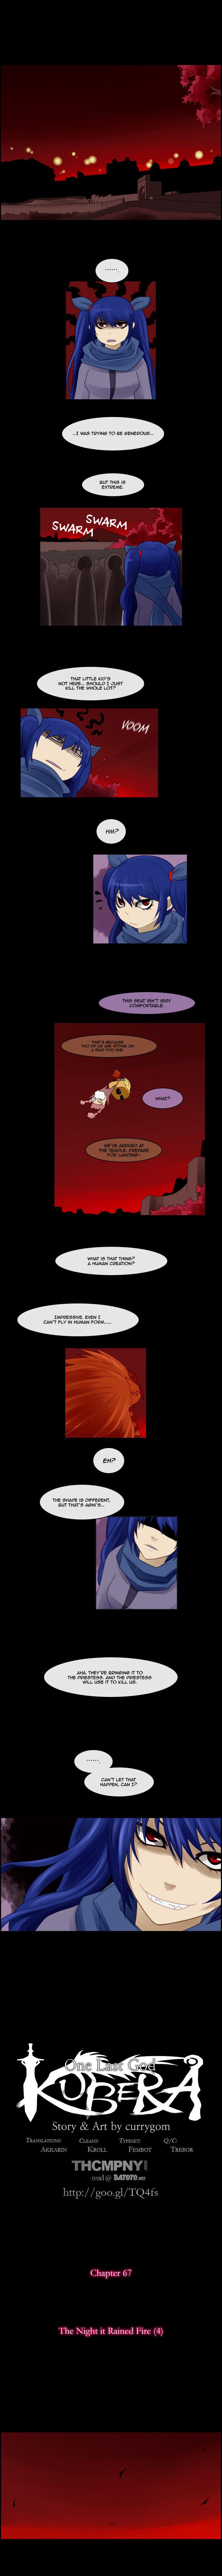 Kubera 67 Page 1